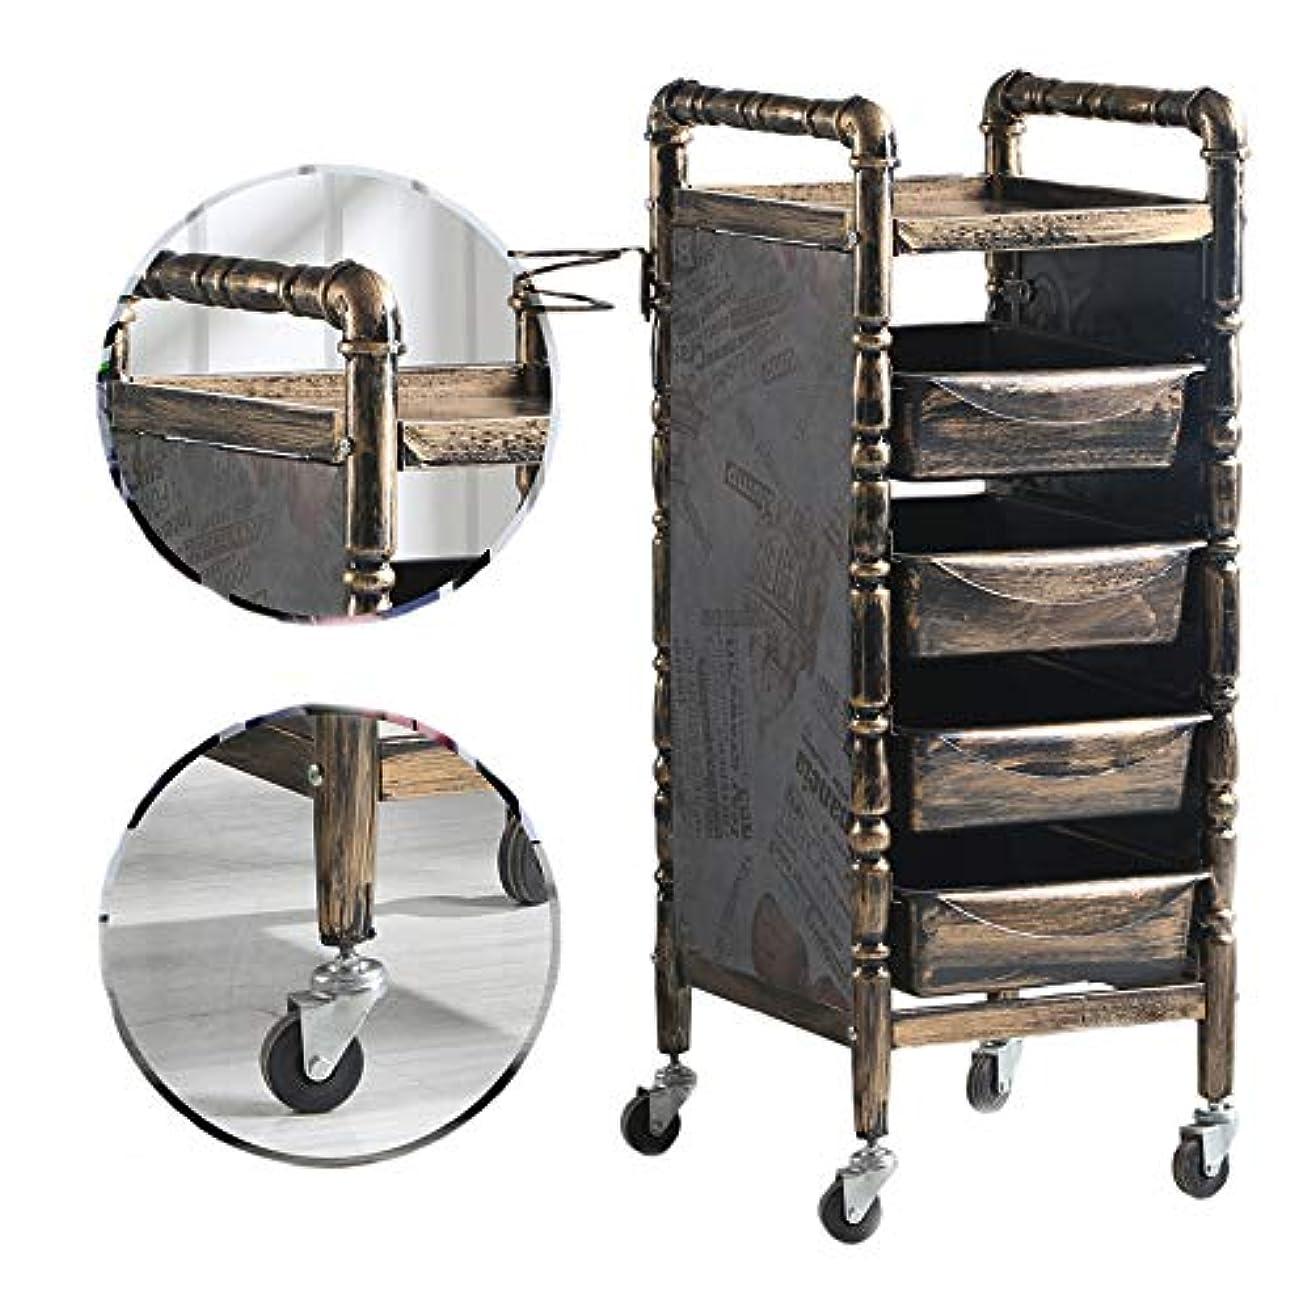 最大限適用済みメインサロンSPAトロリーレトロヘアドライヤー5つの引き出しで、ヘアドライヤーホルダーそして4ユニバーサルホイール美容院のために、バスルーム